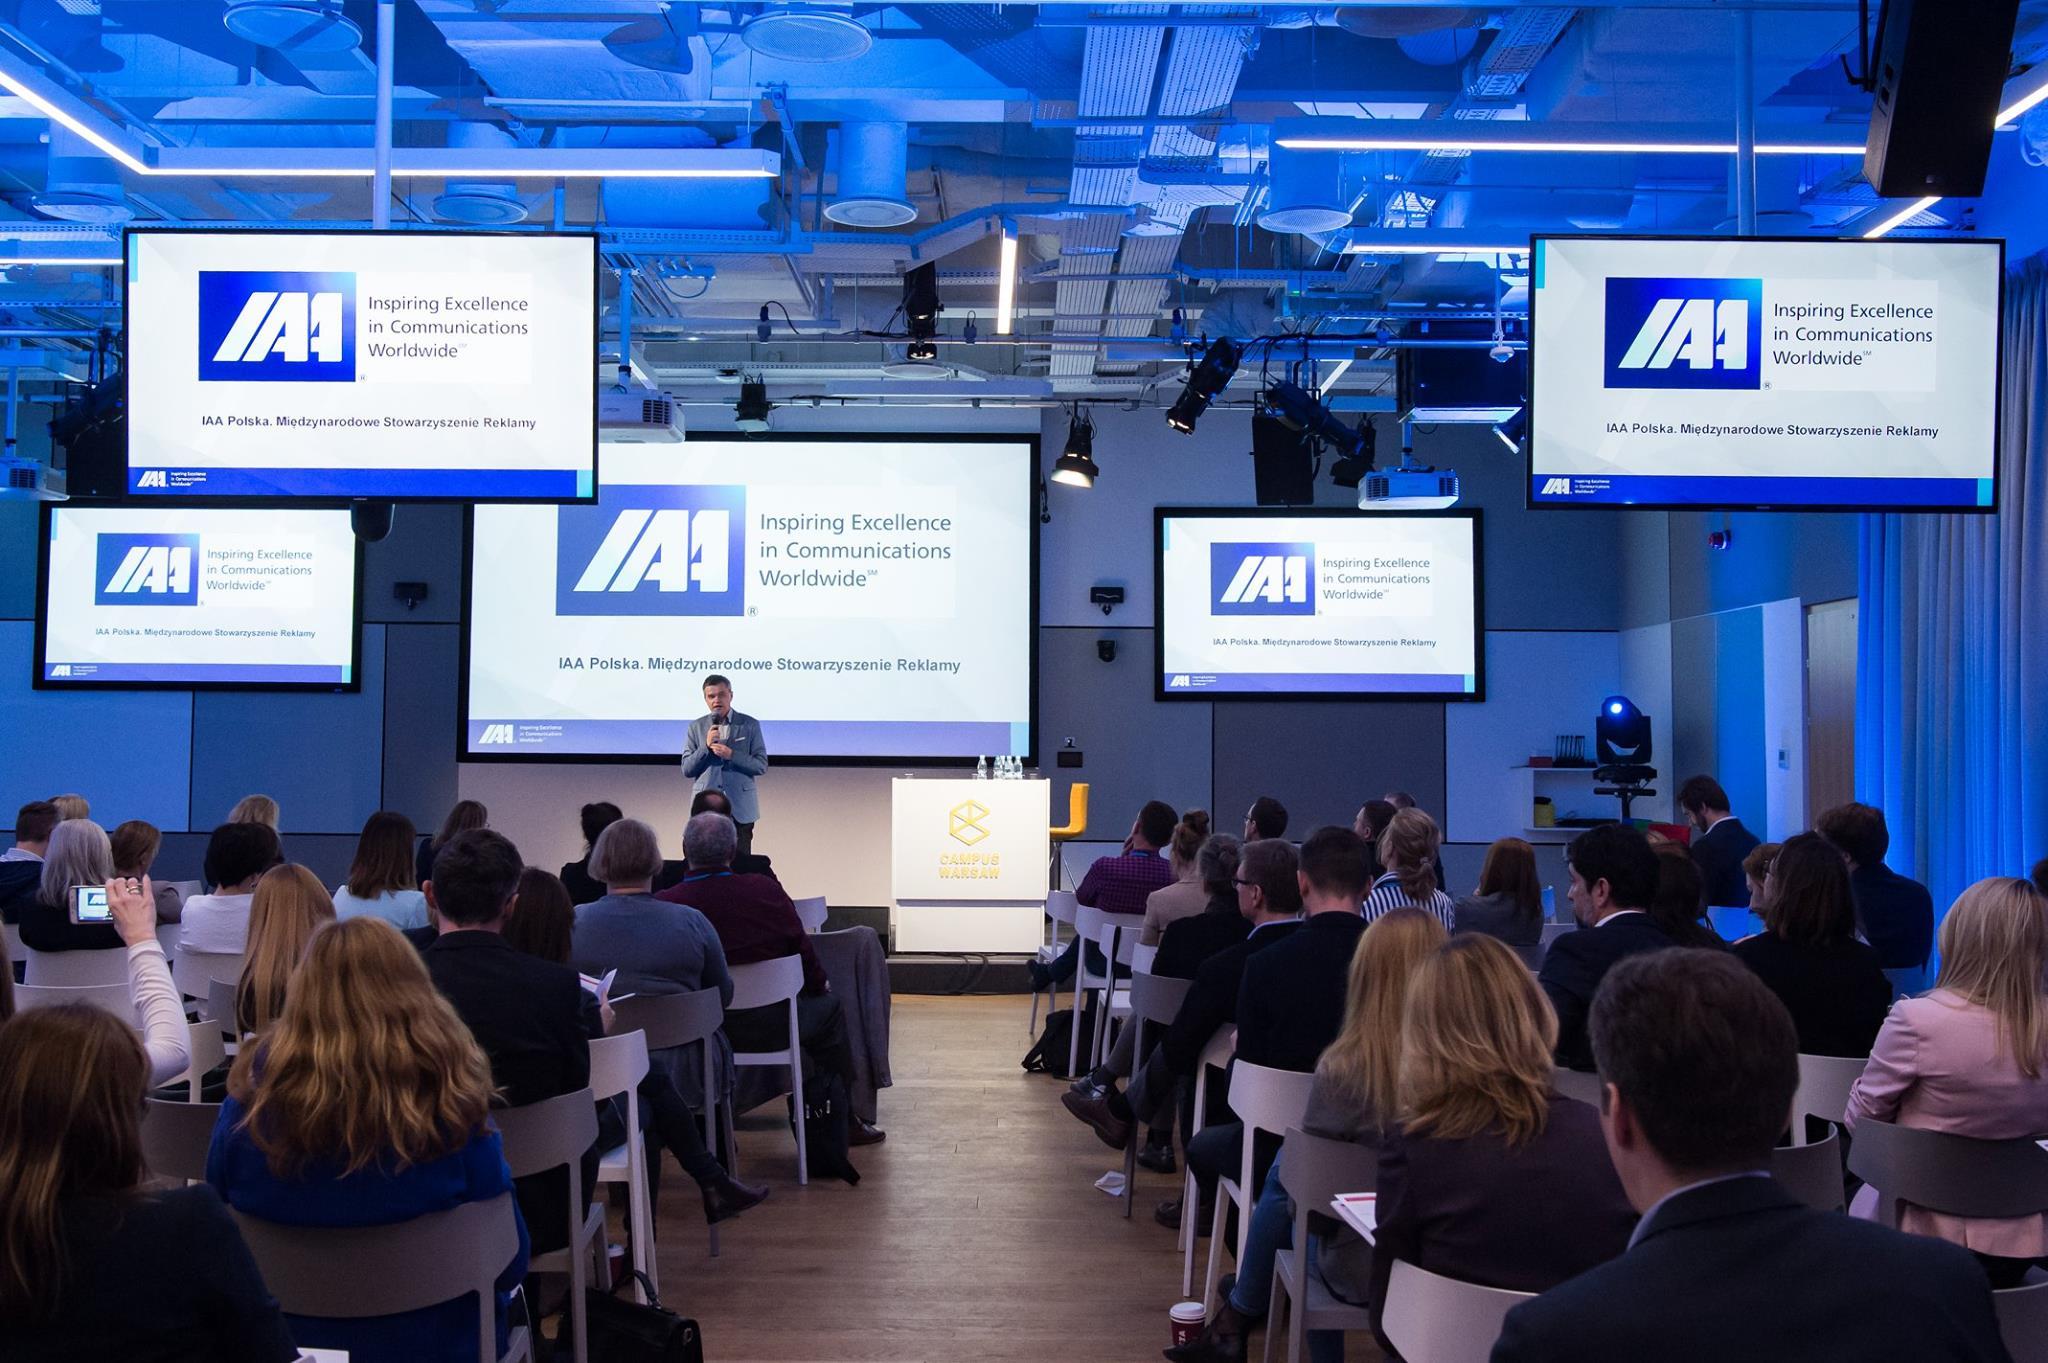 IAA Polska na CMO Summit 2018